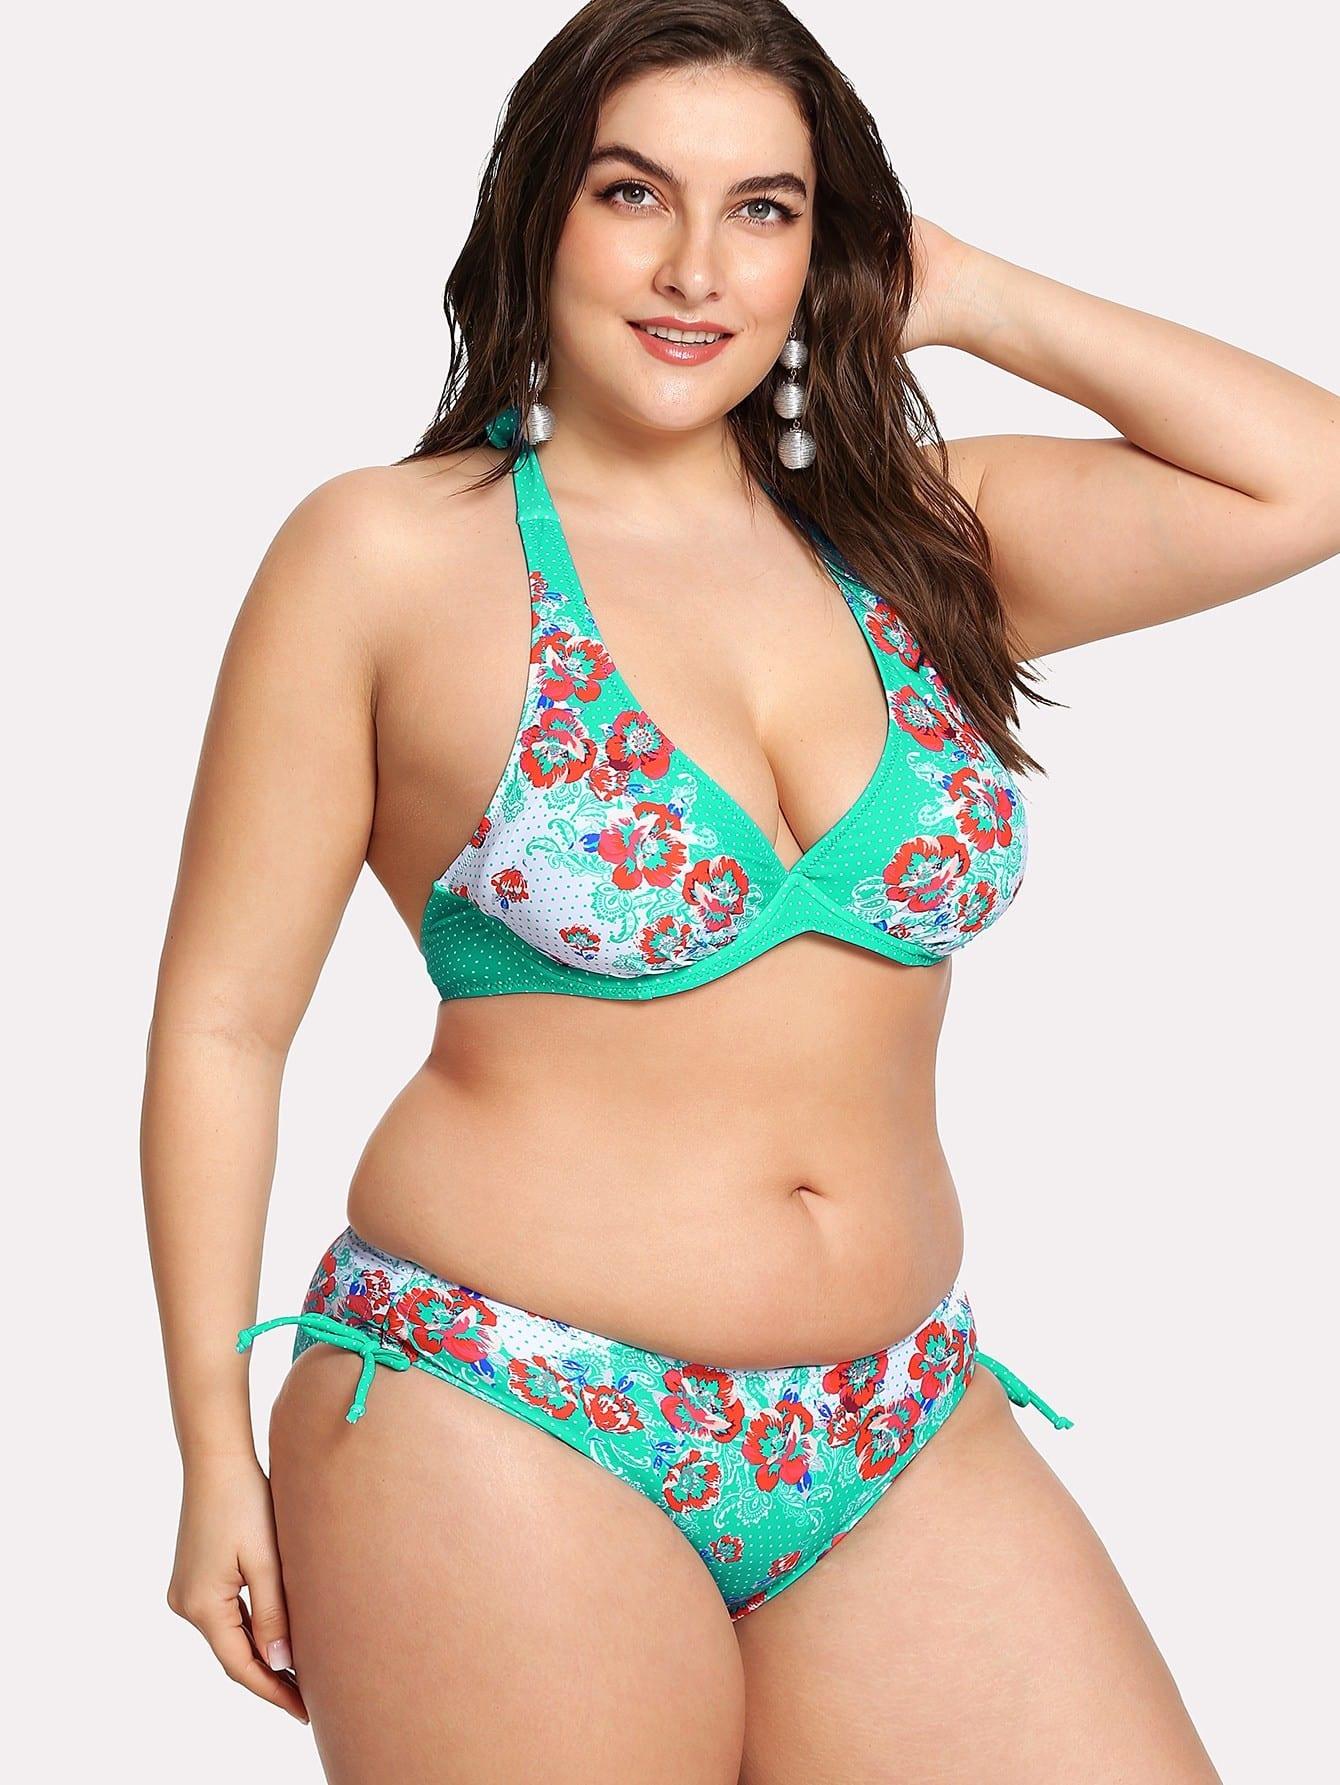 Plus Floral Polka Dot Bikini Set floral polka dot bikini set